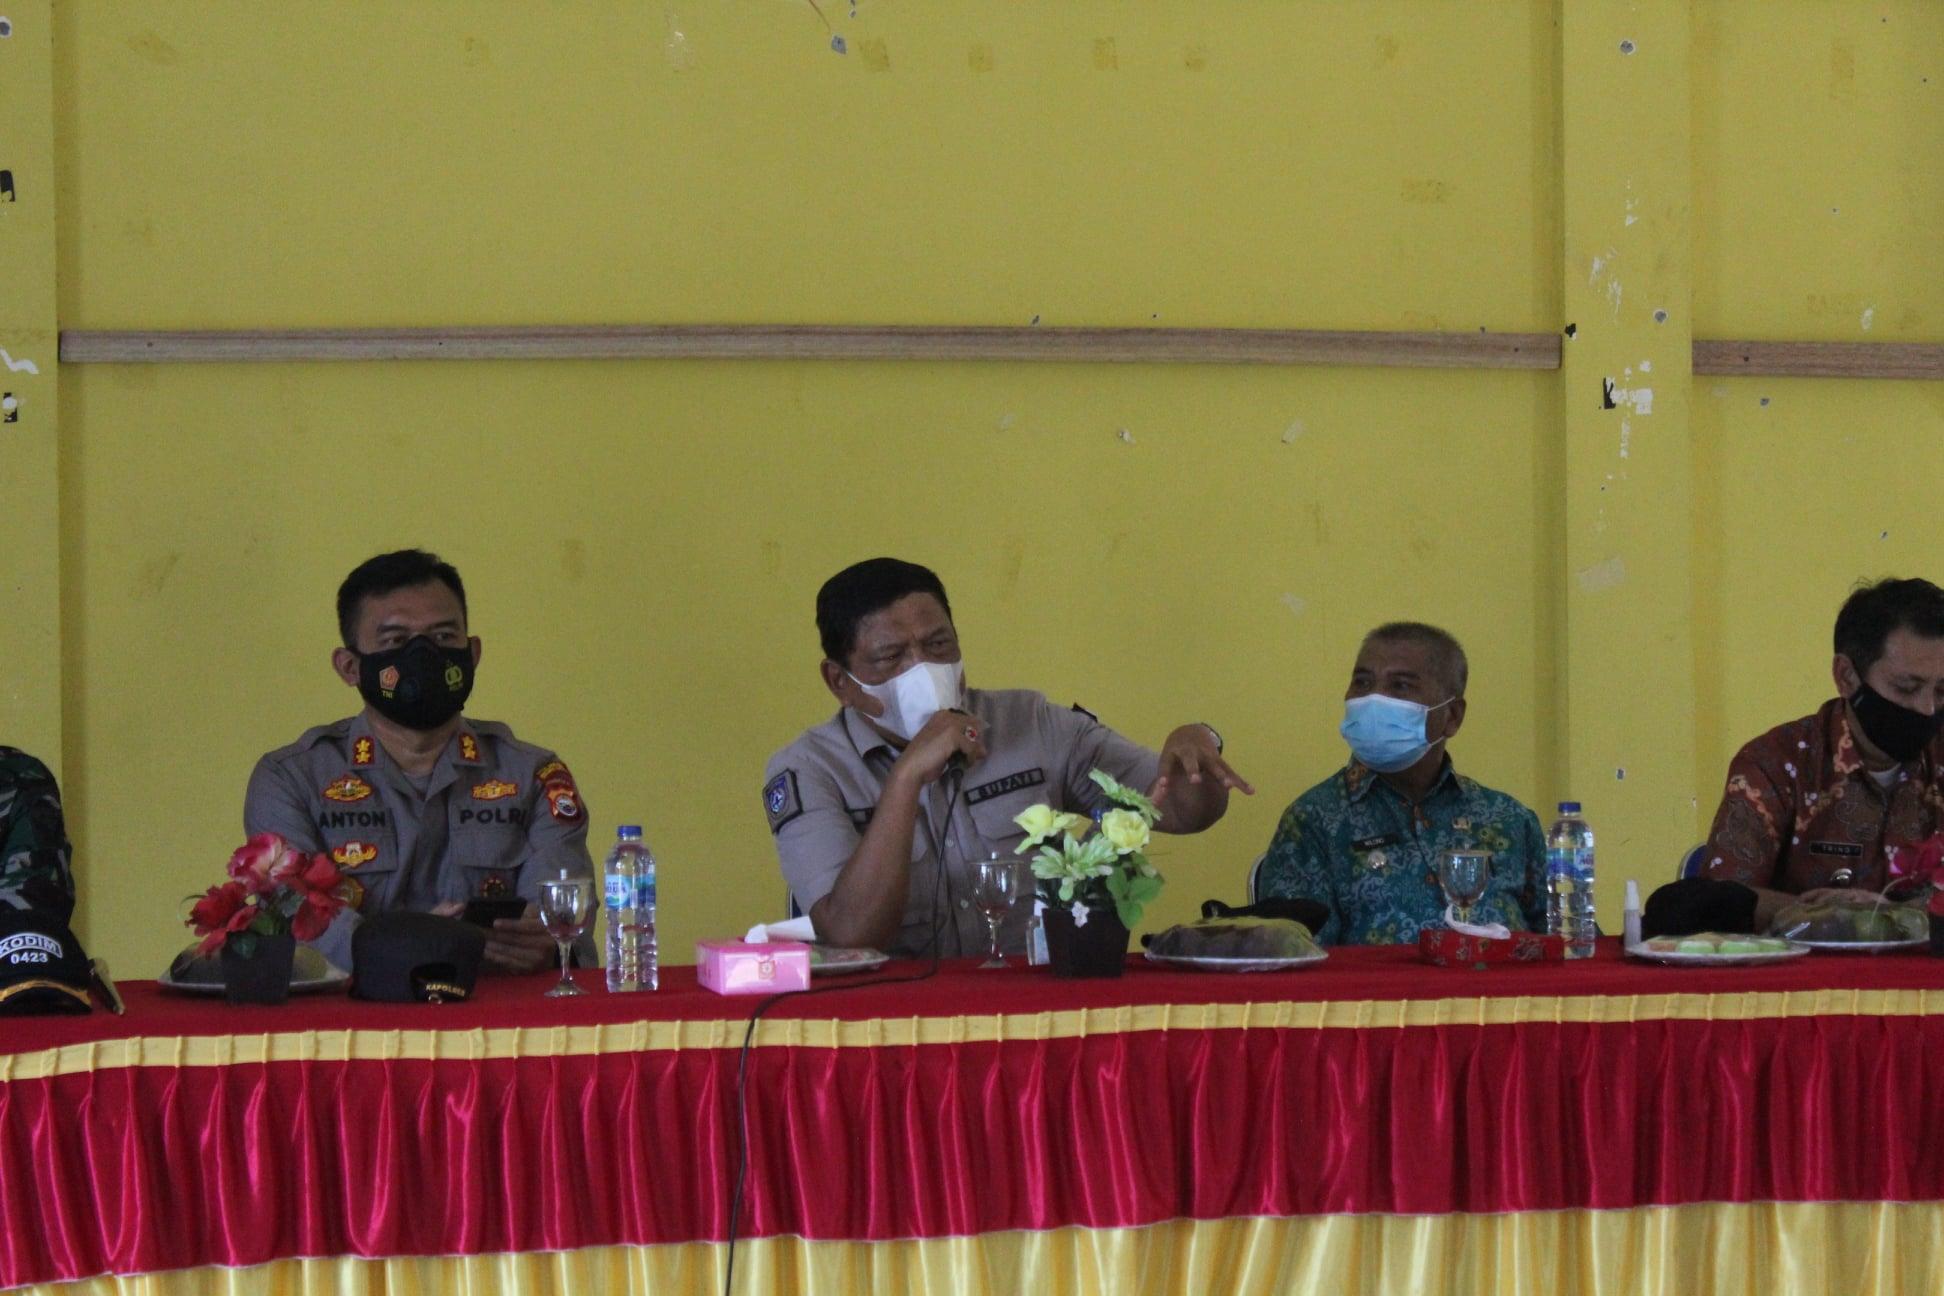 MSS Zona MSS Zona Merah Bupati BU Kumpulkan Jajaran Camat dan Desa Beri Penekanan Disiplin Prokes